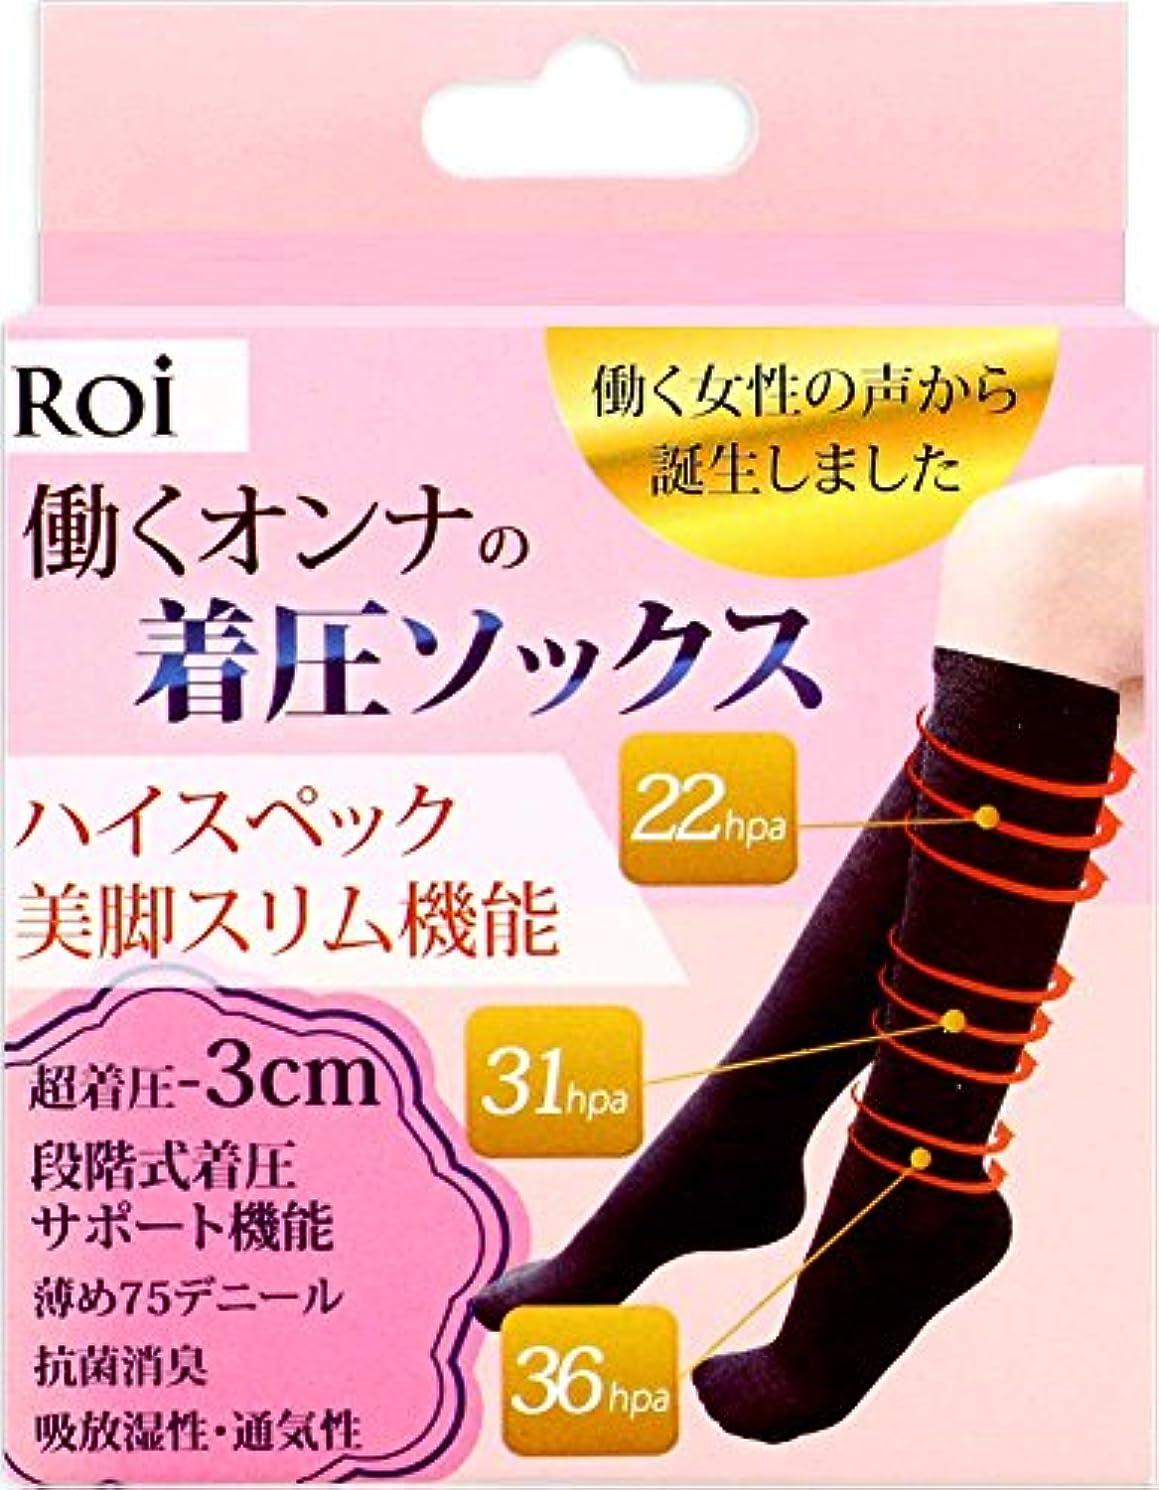 仕立て屋特権的霊(ロイ)Roi 『働く女の 着圧ソックス 』強着圧-3cm ソックス 段階式着圧サポート機能 靴下 (S~M[22~23cm])